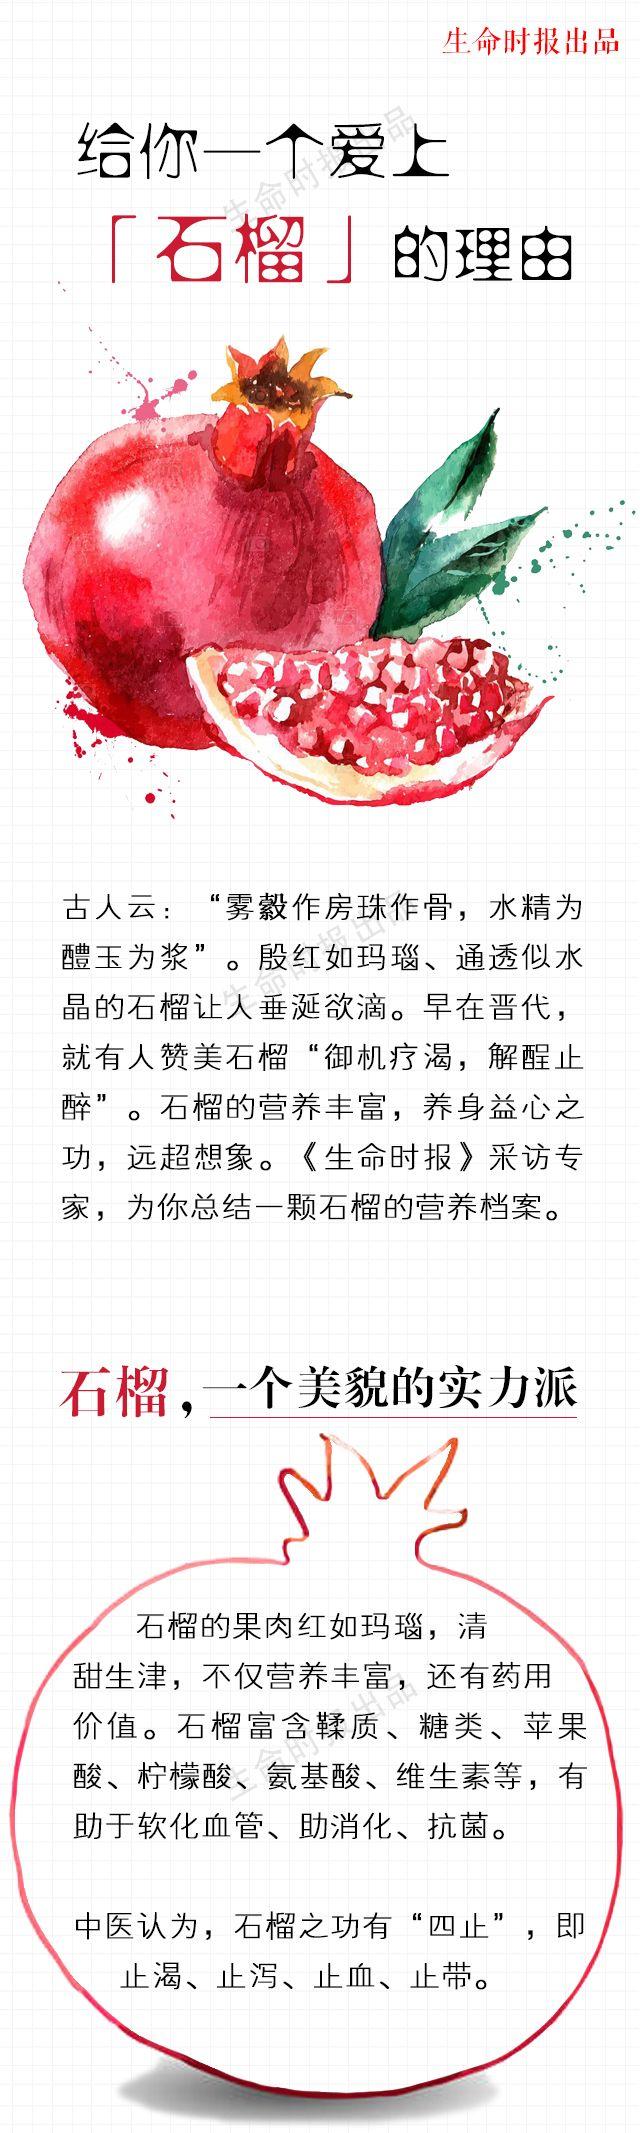 常吃石榴有6个好处,超乎你的想象!